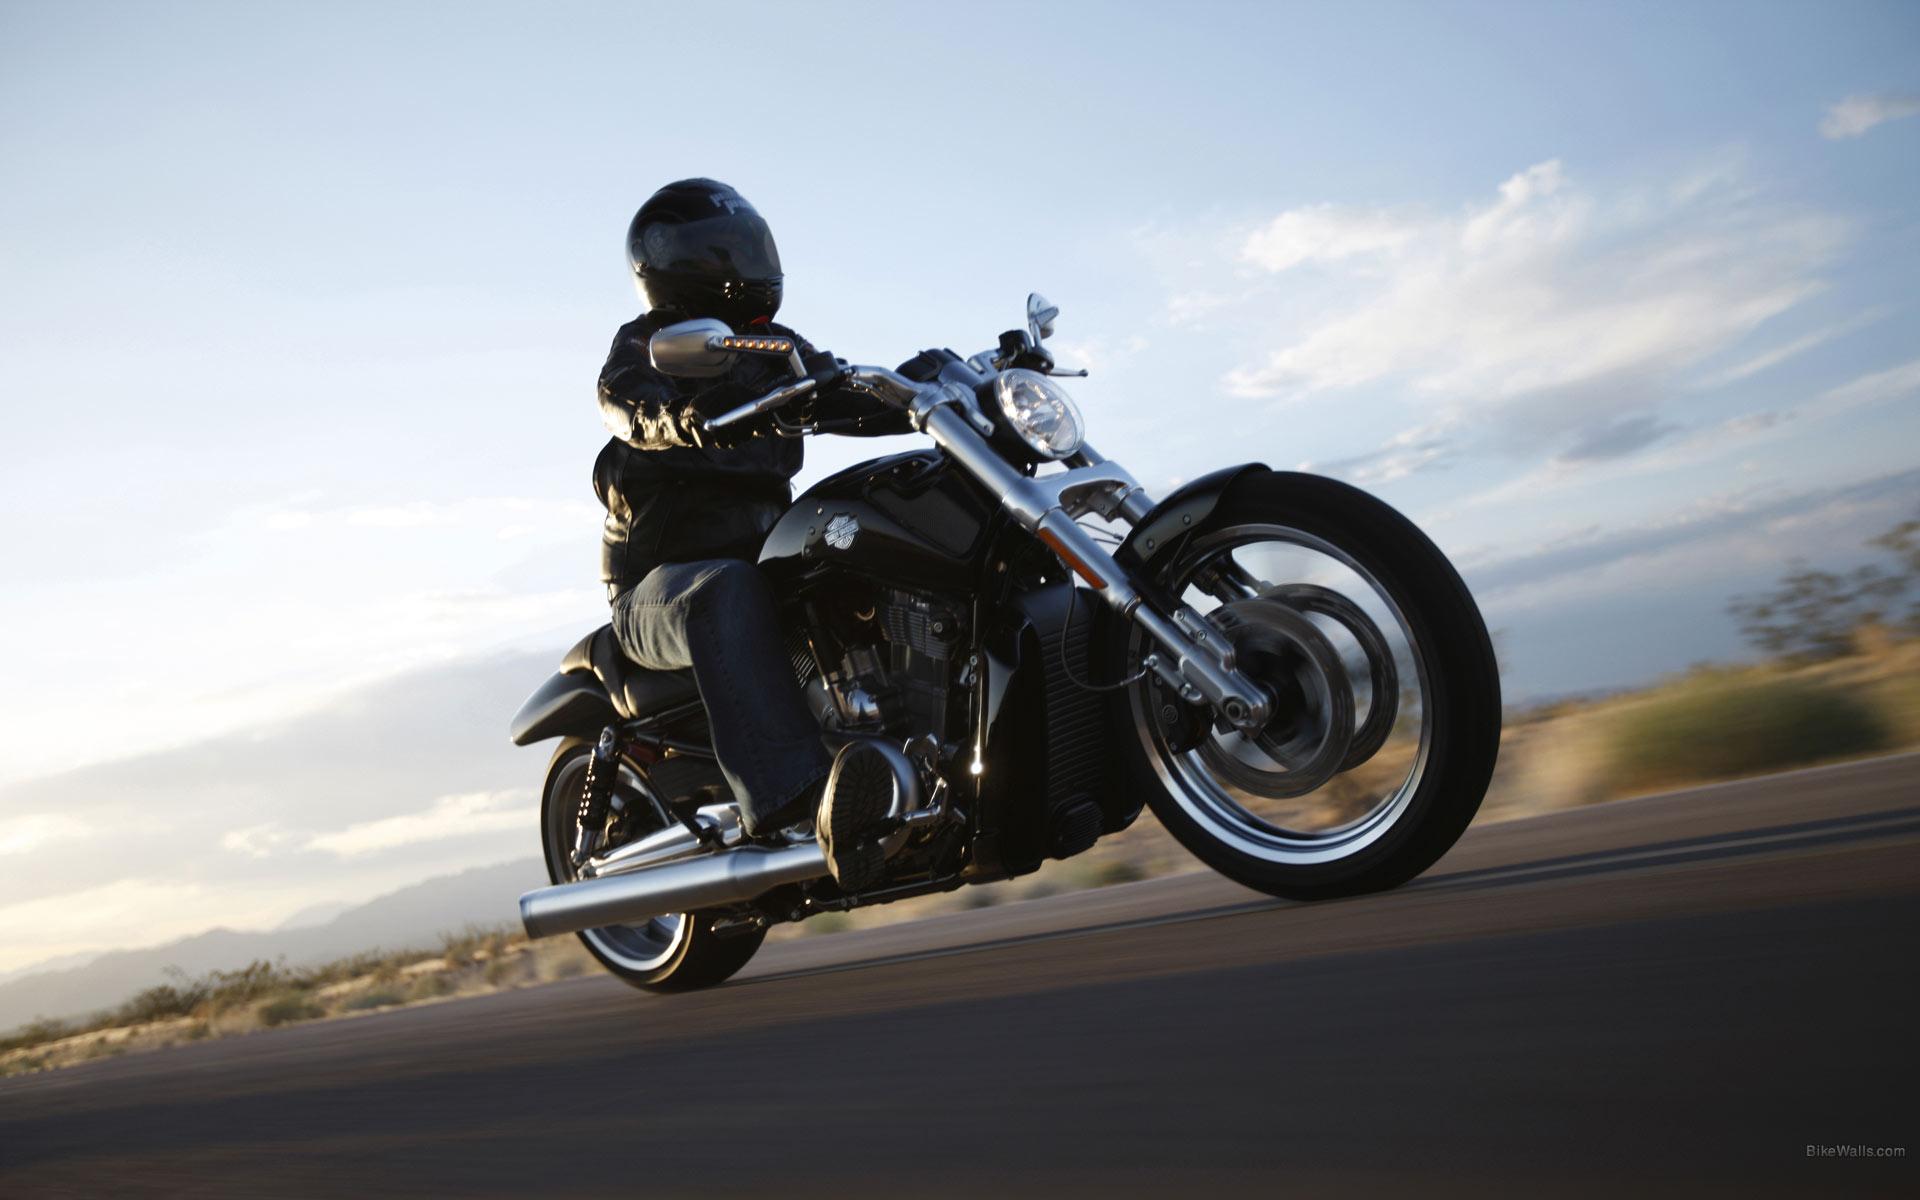 Want to share your bike Send it to 1bikepicadaygmailcom 1920x1200